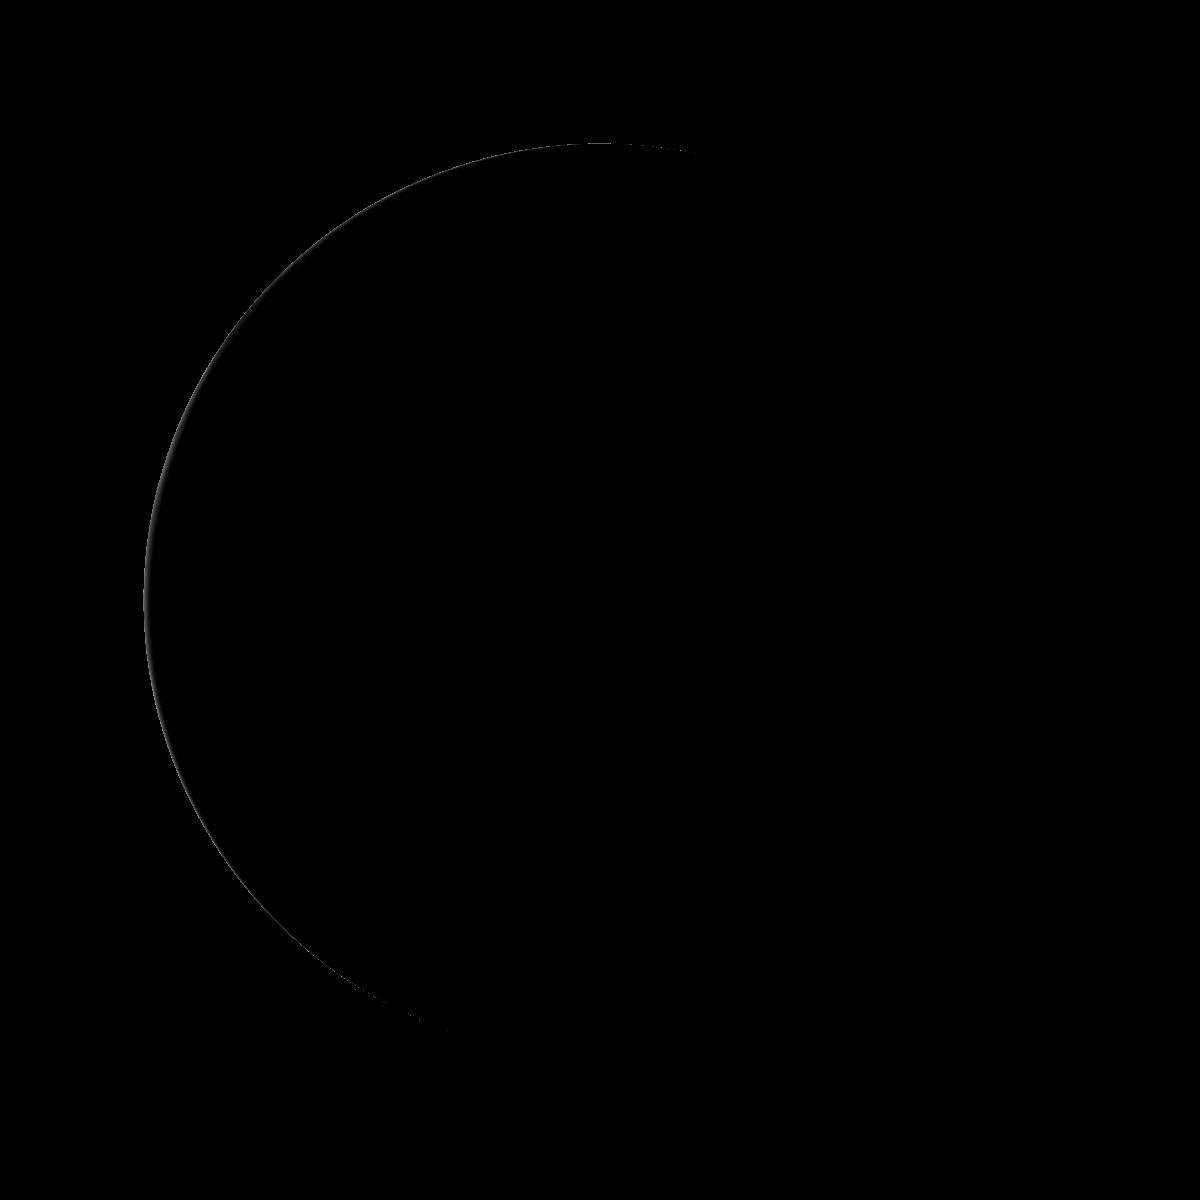 Lune du 24 janvier 2020